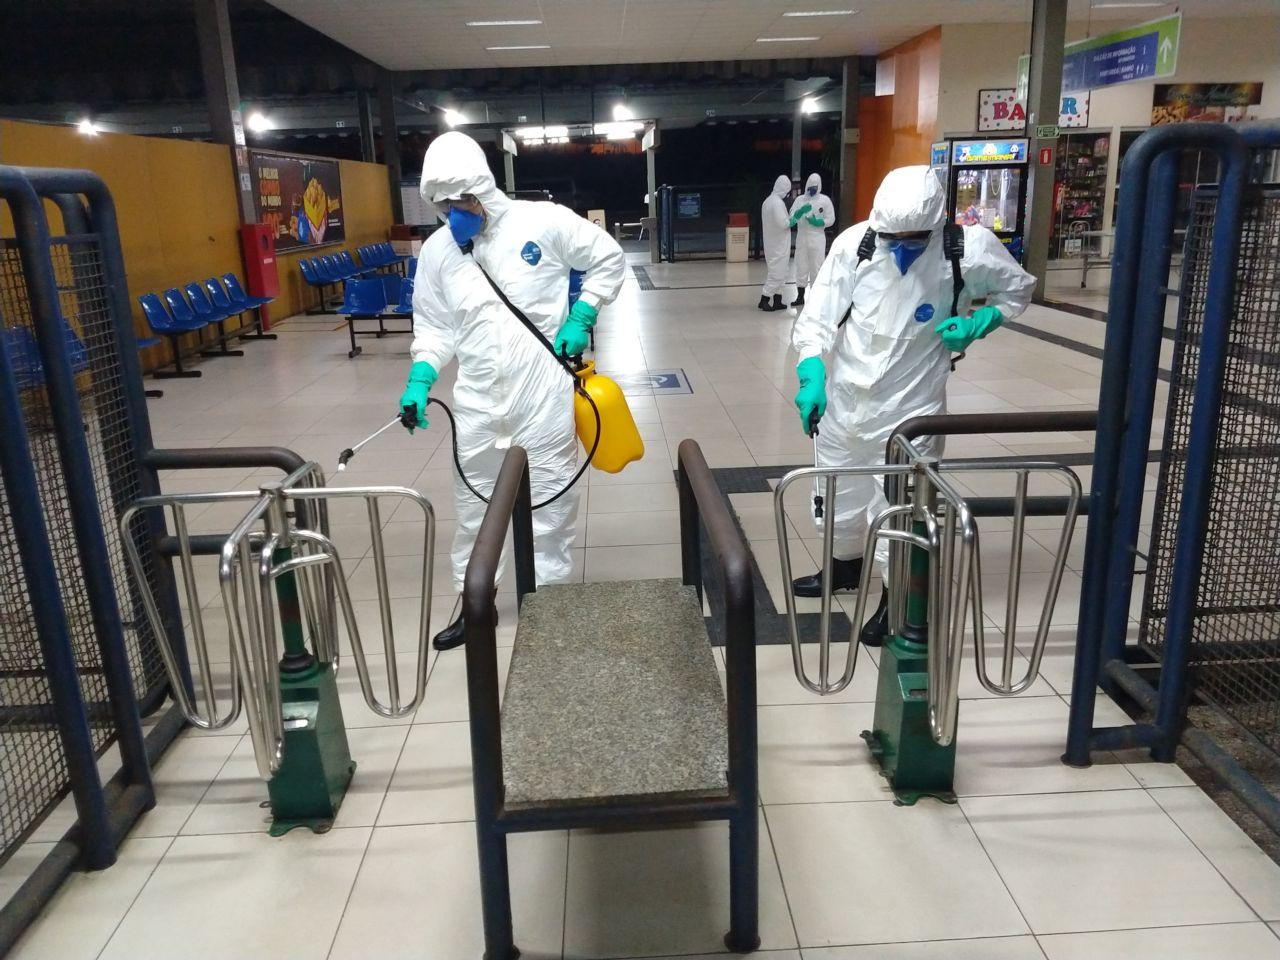 Exército Brasileiro em operação de higienização em Rodoviária de Natal(RN)